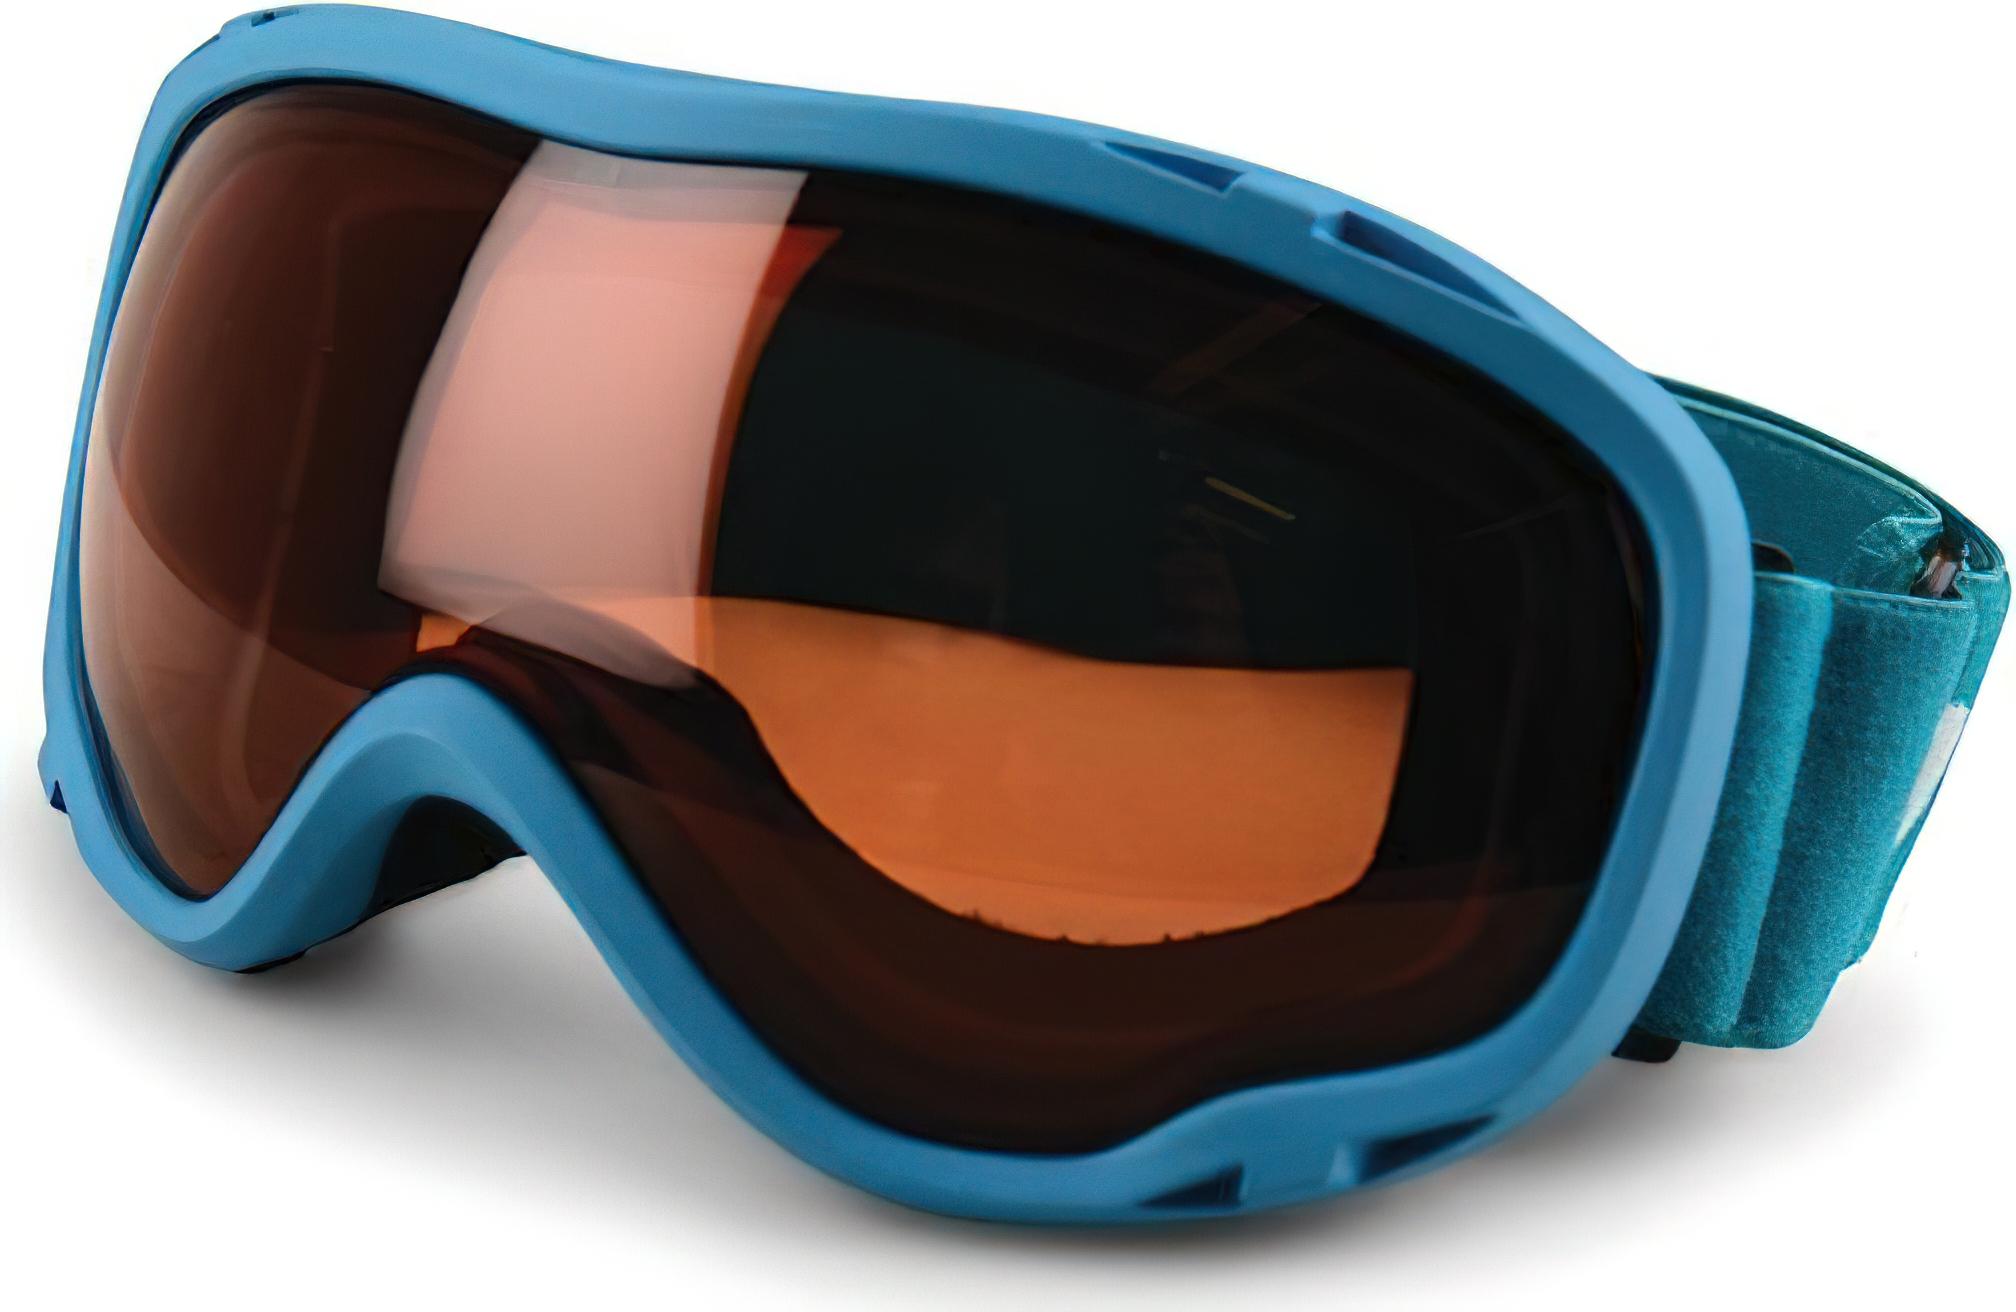 Dámské lyžařské brýle DUE339 DARE2B Velose Adult Gogg Modrá